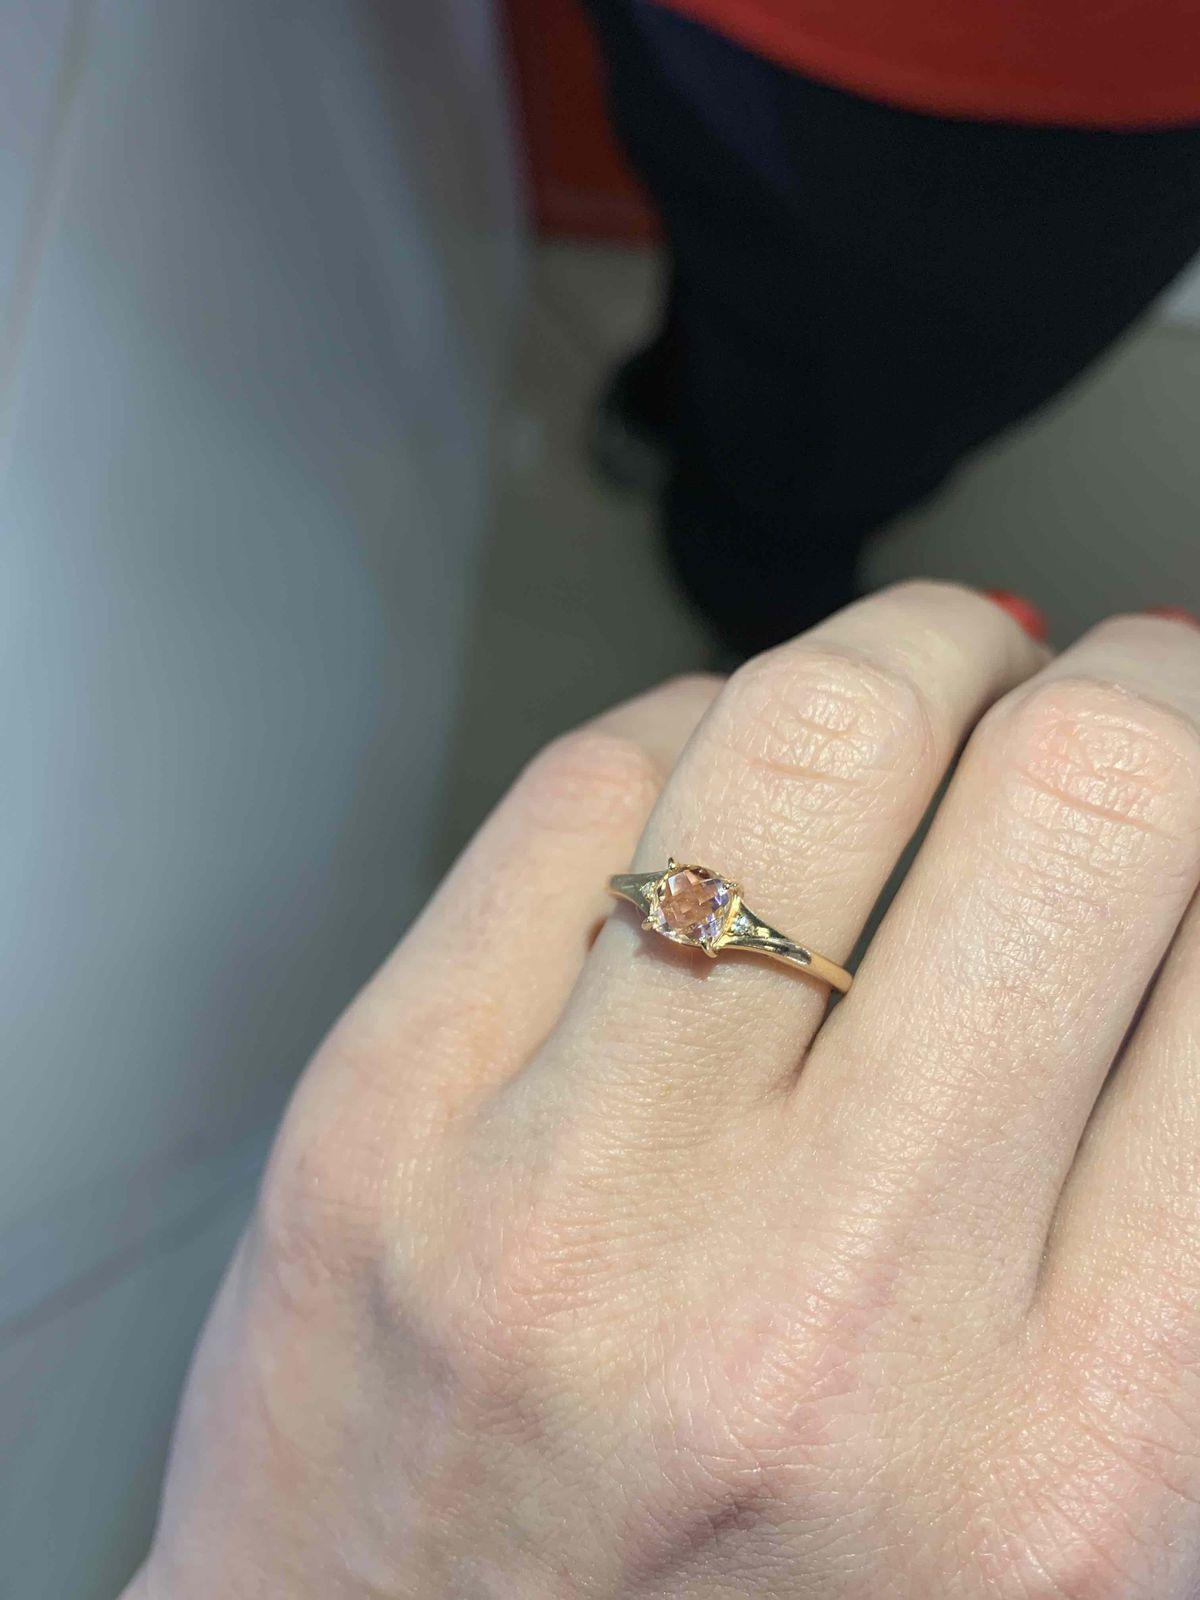 Божественное кольцо из золота 585 пробы, со вставкой полудрагоценного камня